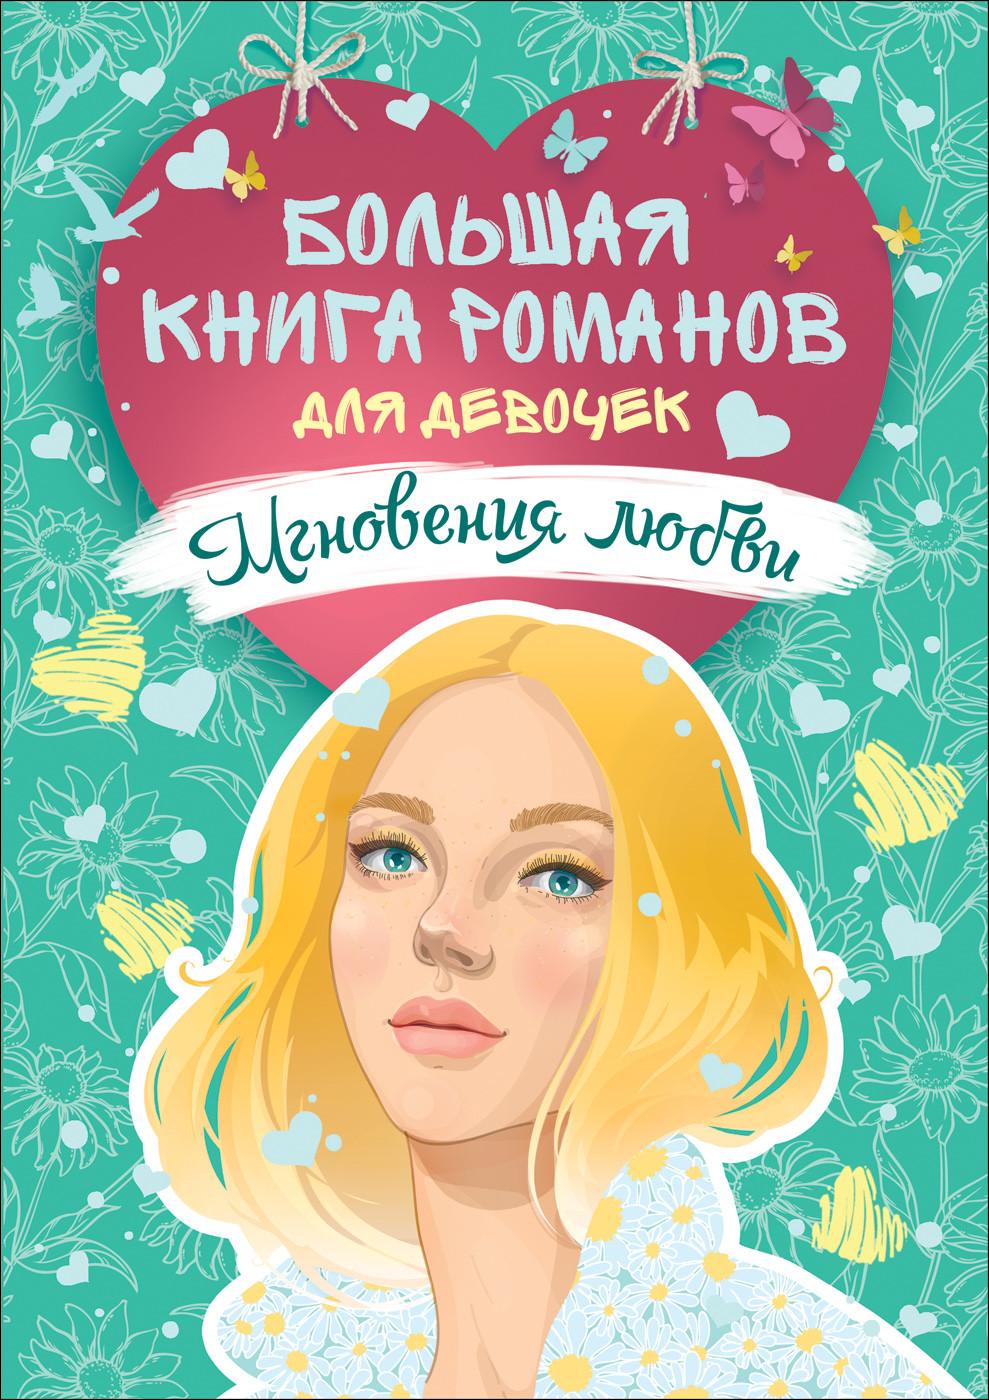 Купить Большая книга Романов для Девочек. Мгновения любви, Росмэн, Детская художественная литература